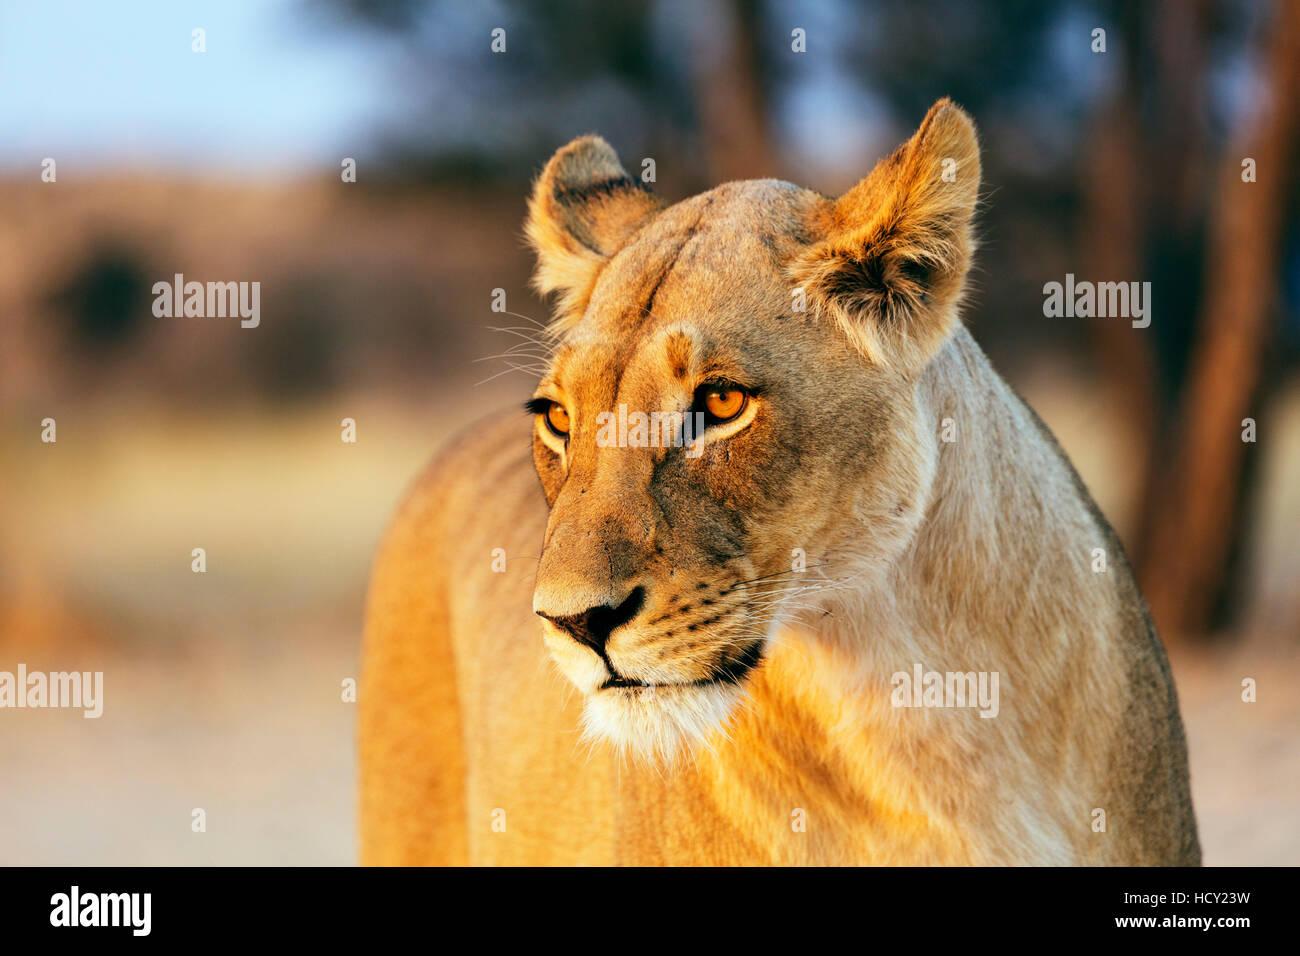 Lioness (Panthera leo), Kgalagadi Transfrontier Park, Kalahari, Northern Cape, South Africa, Africa - Stock Image